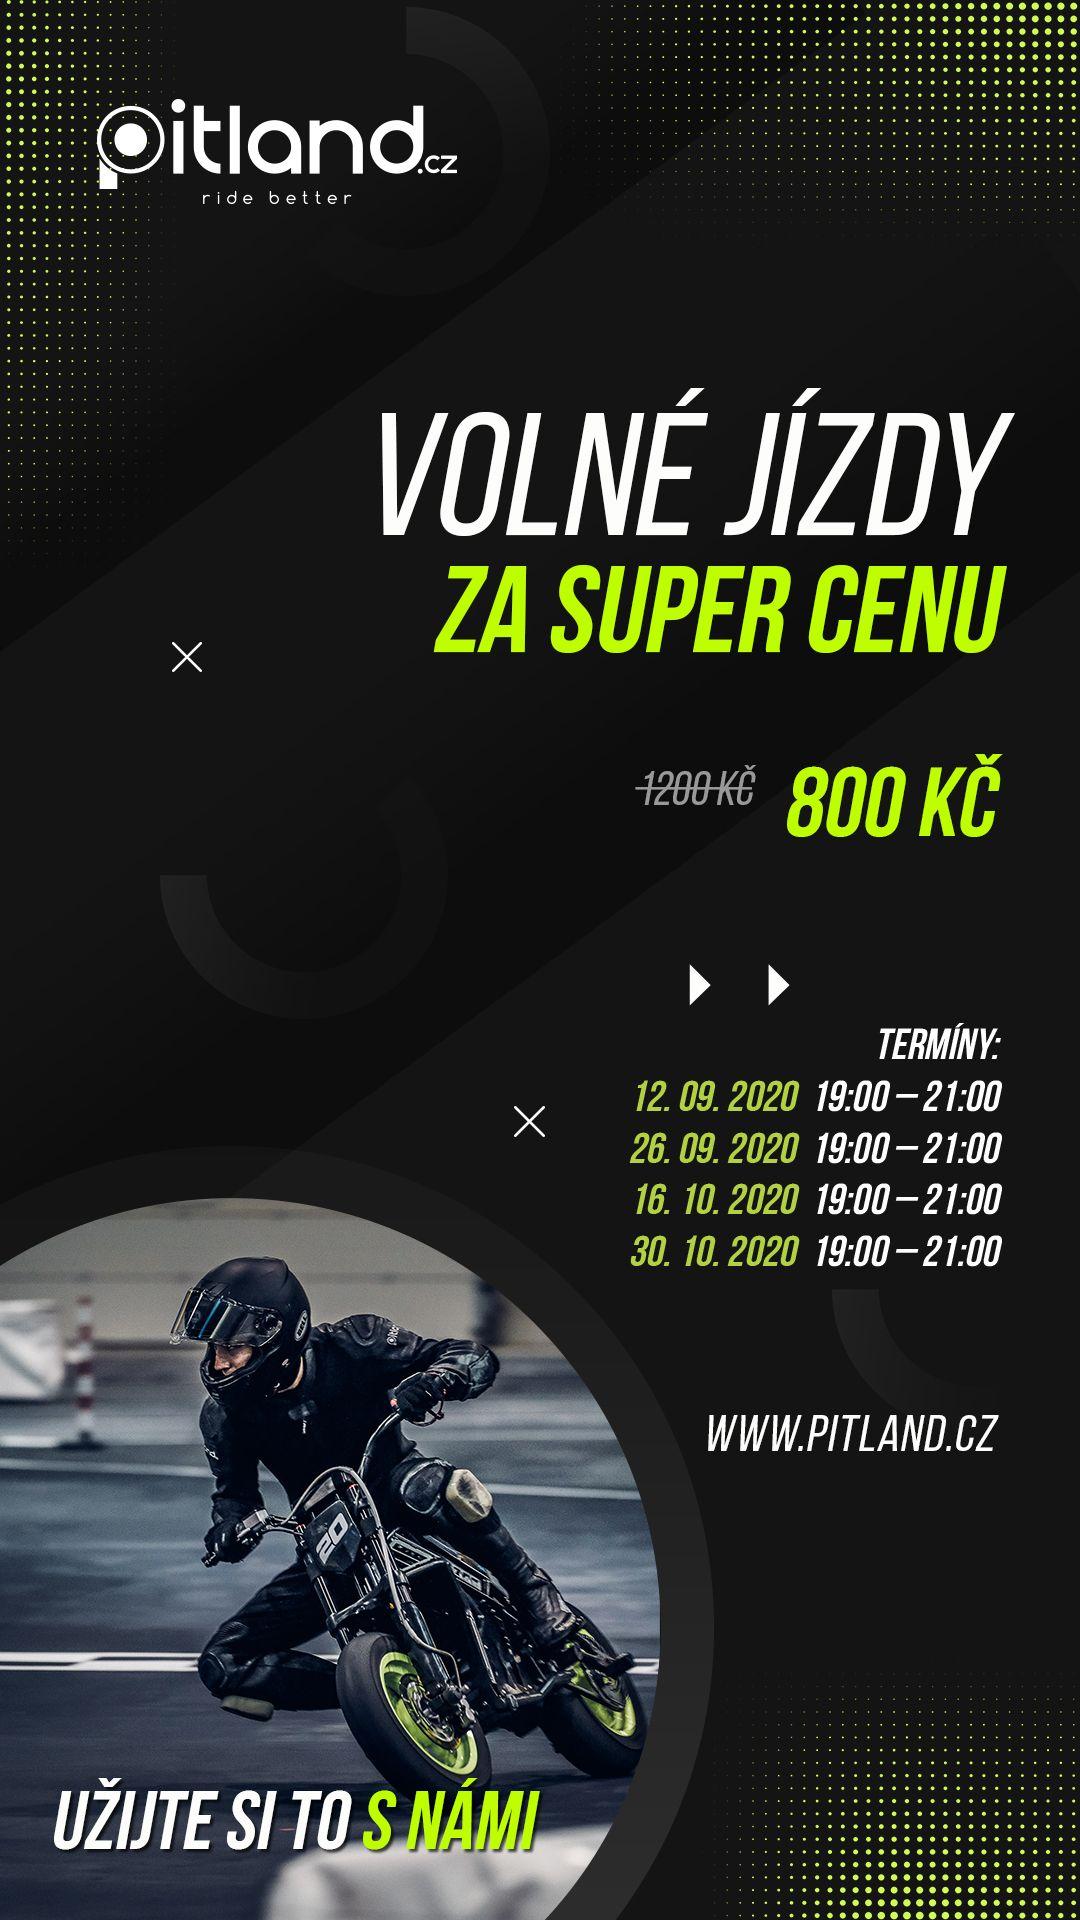 PL-IG-stories-1080x1920-zari-rijen-2020